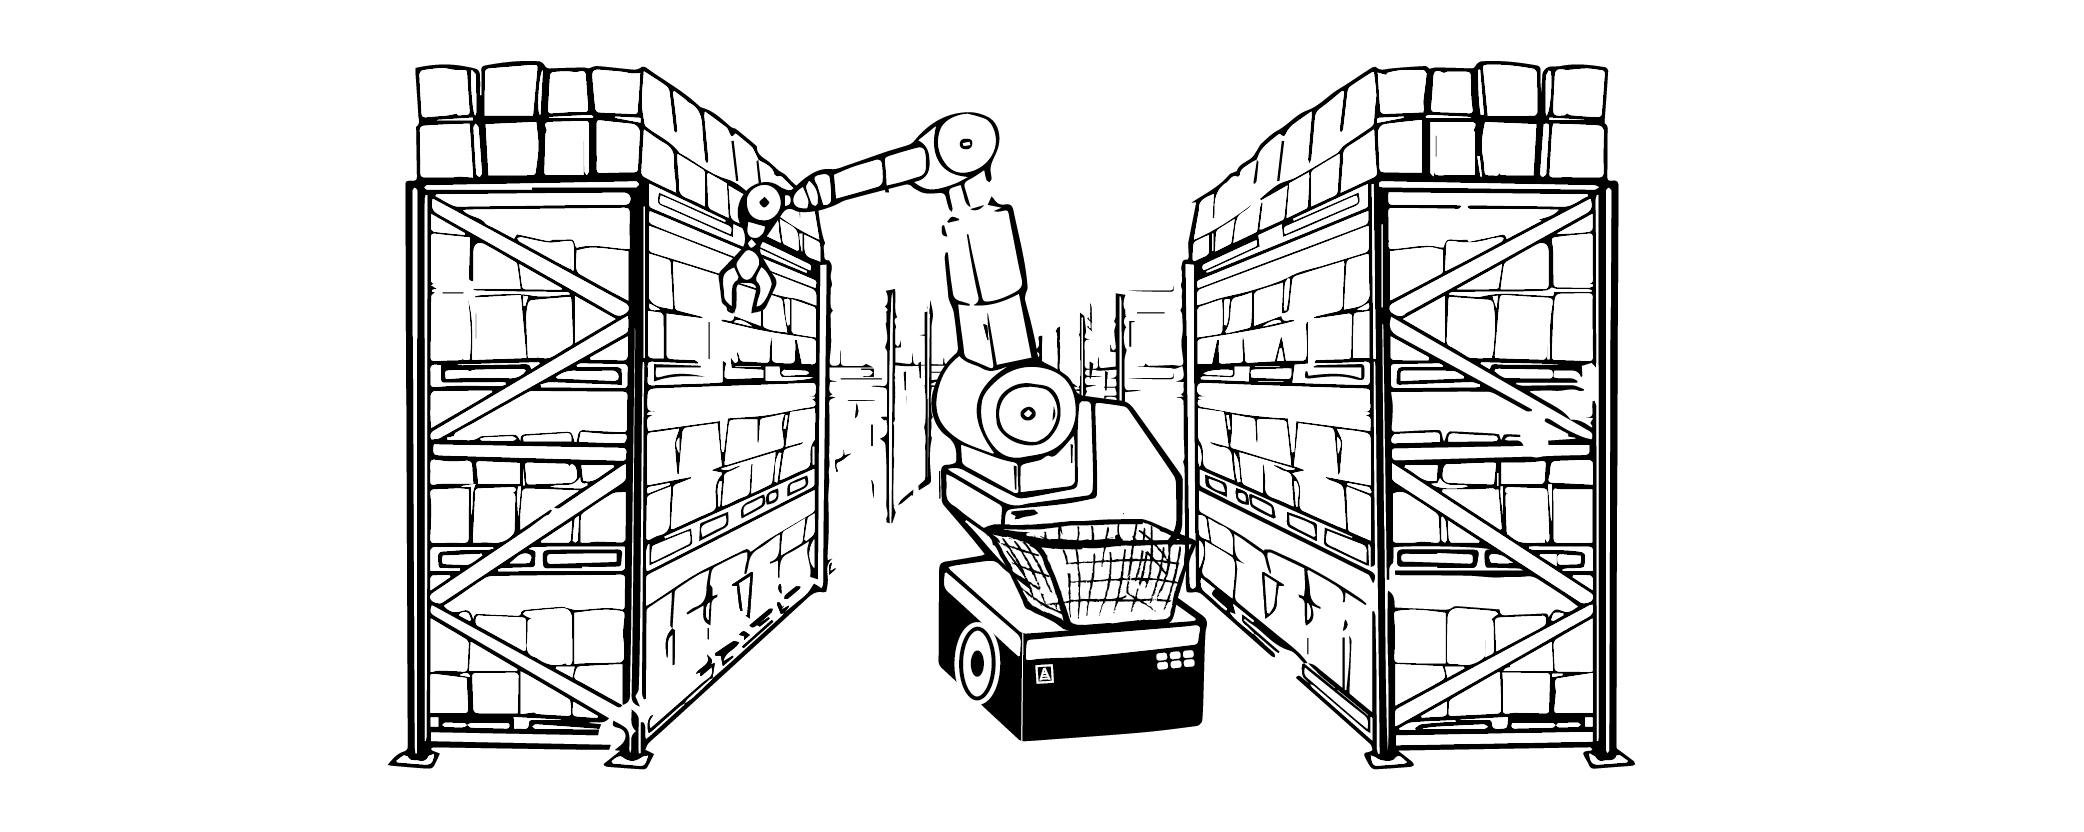 Люди и роботы – революционная модернизация дистрибьютора автозапчастей - 8 - kapelou.com